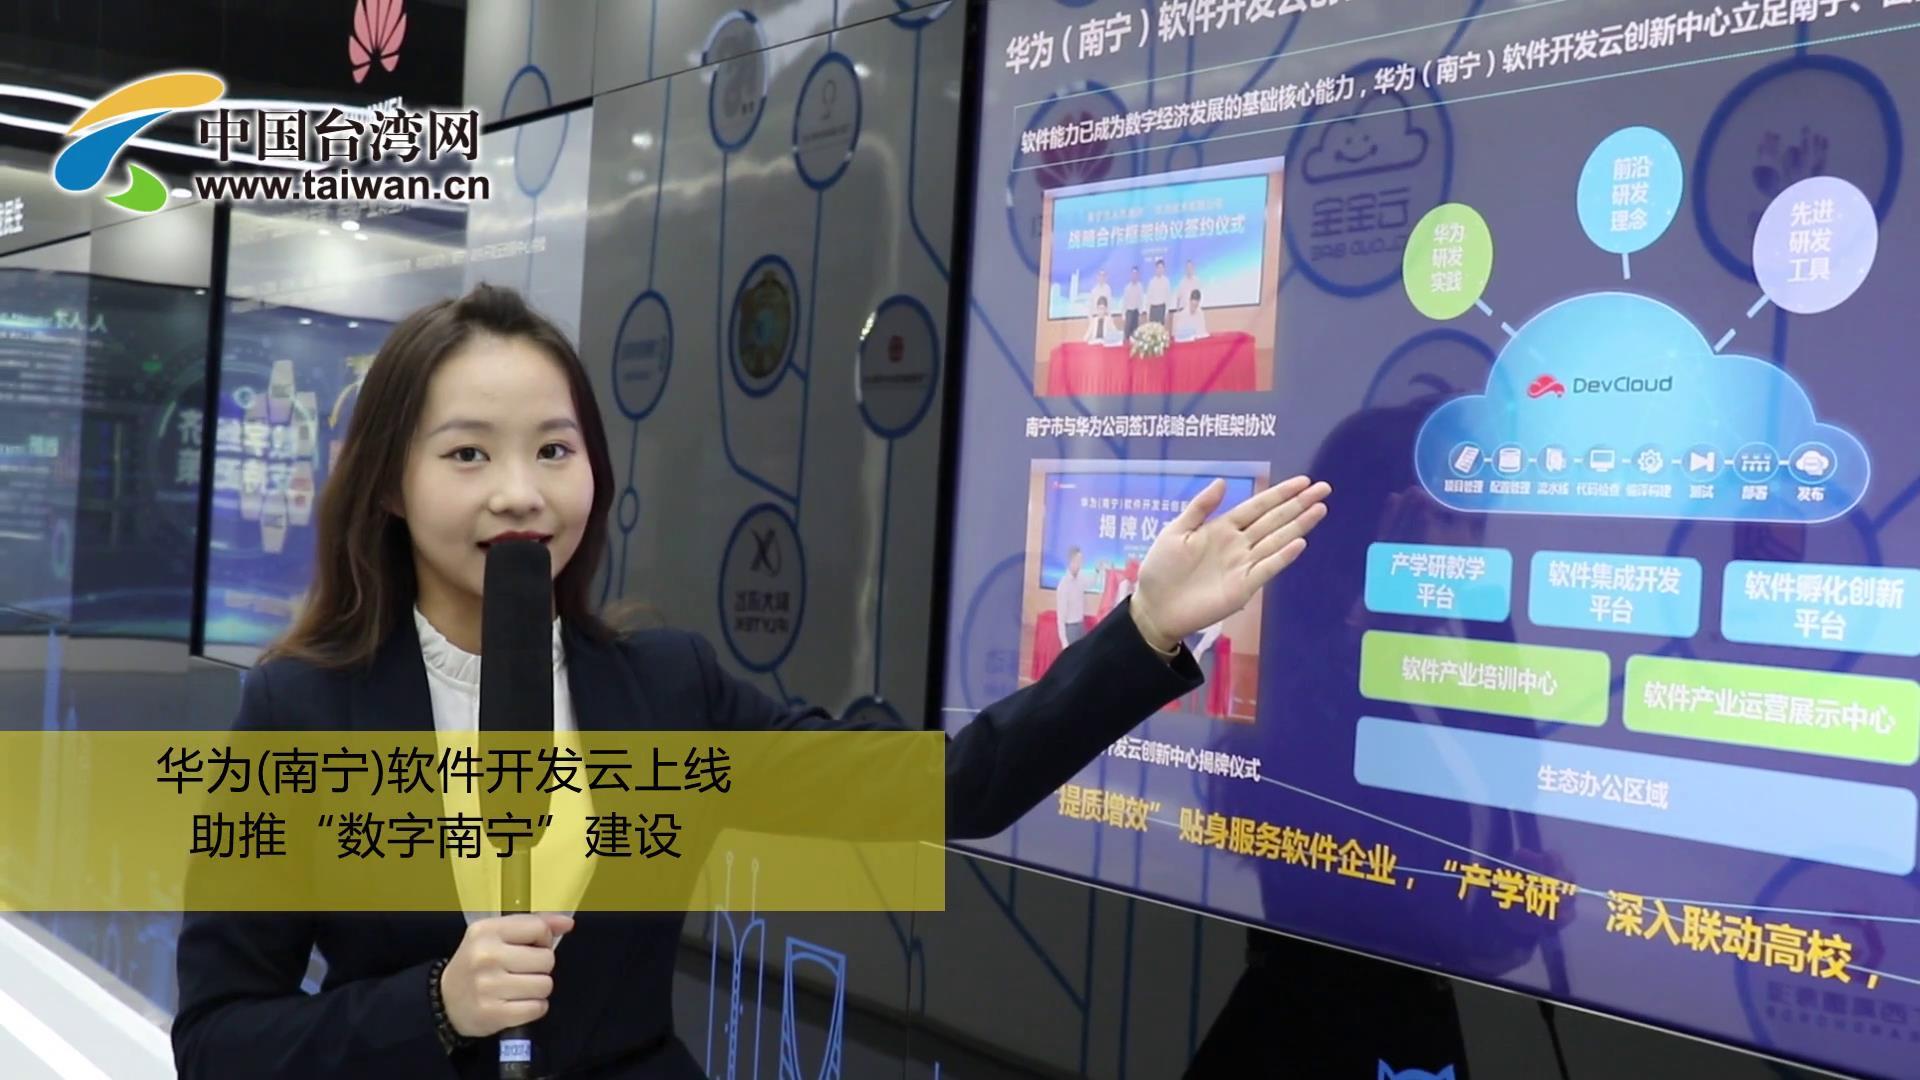 """華為(南寧)軟體開發雲上線助推""""數字南寧""""建設圖片"""